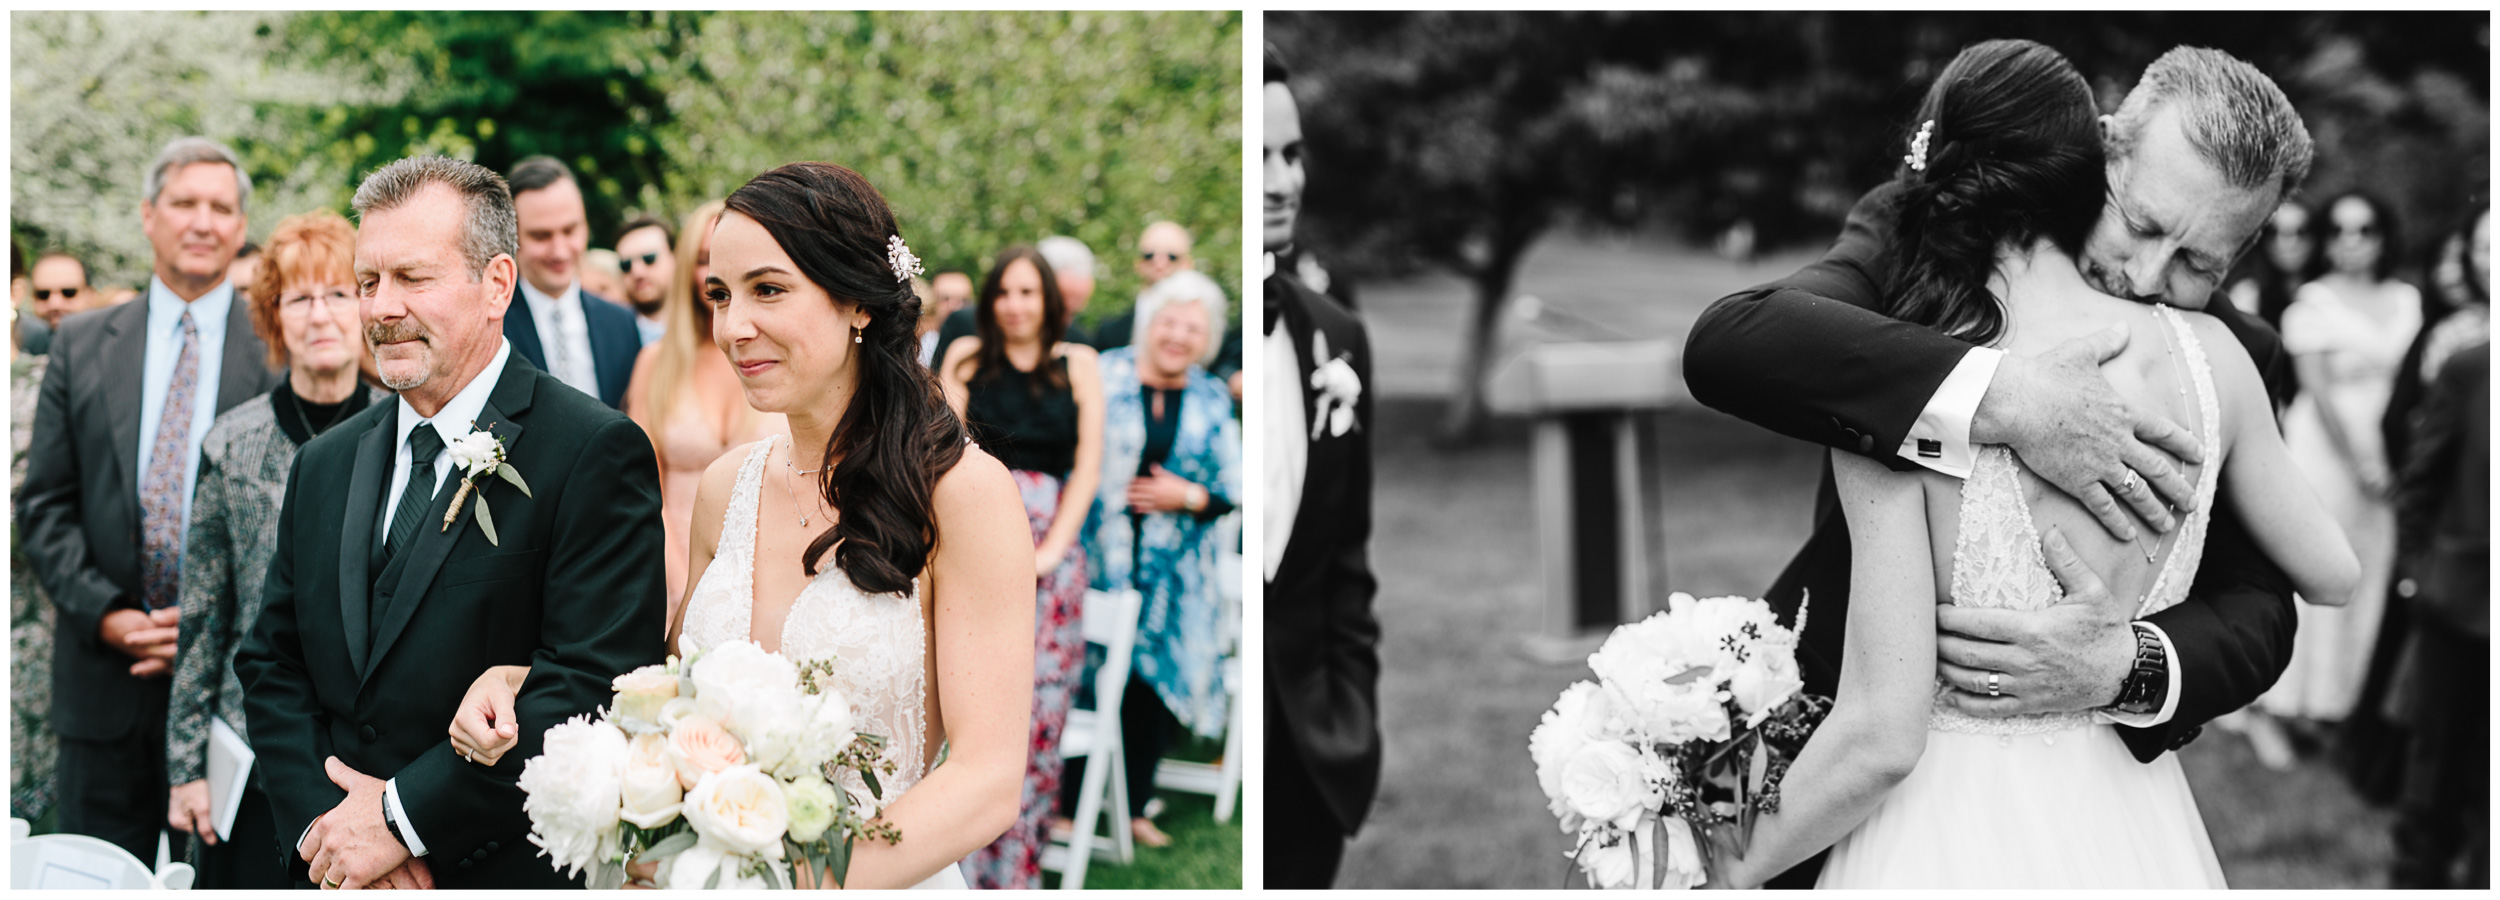 mohonk_wedding_37.jpg